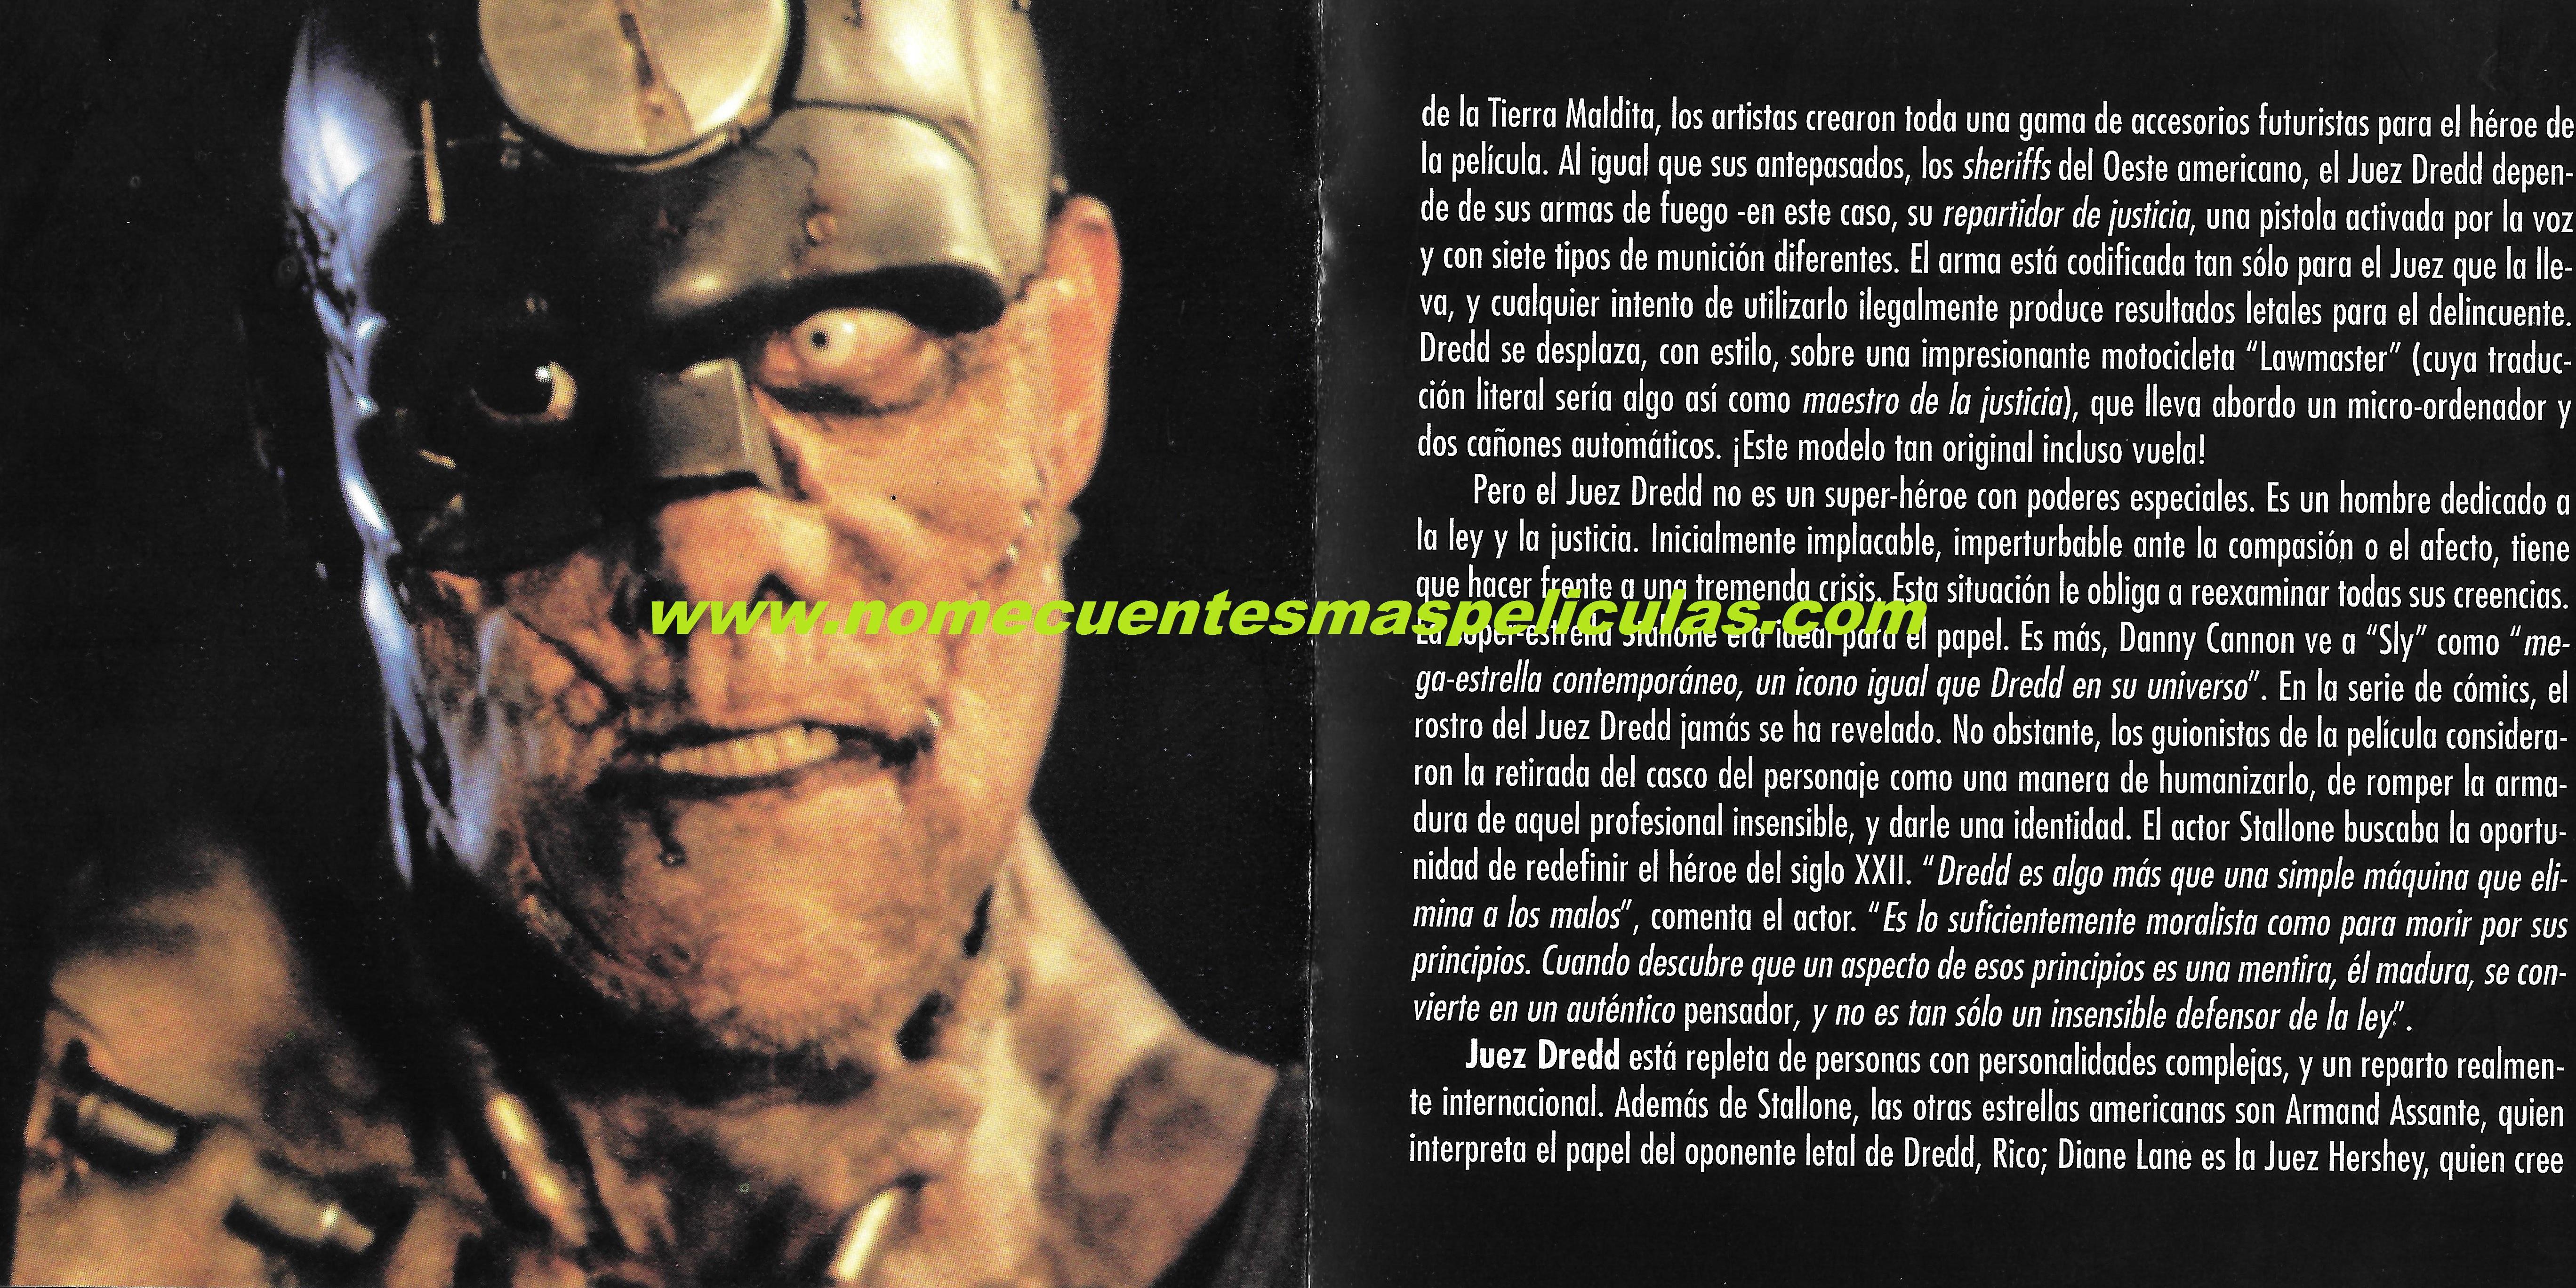 Juez Dredd 04